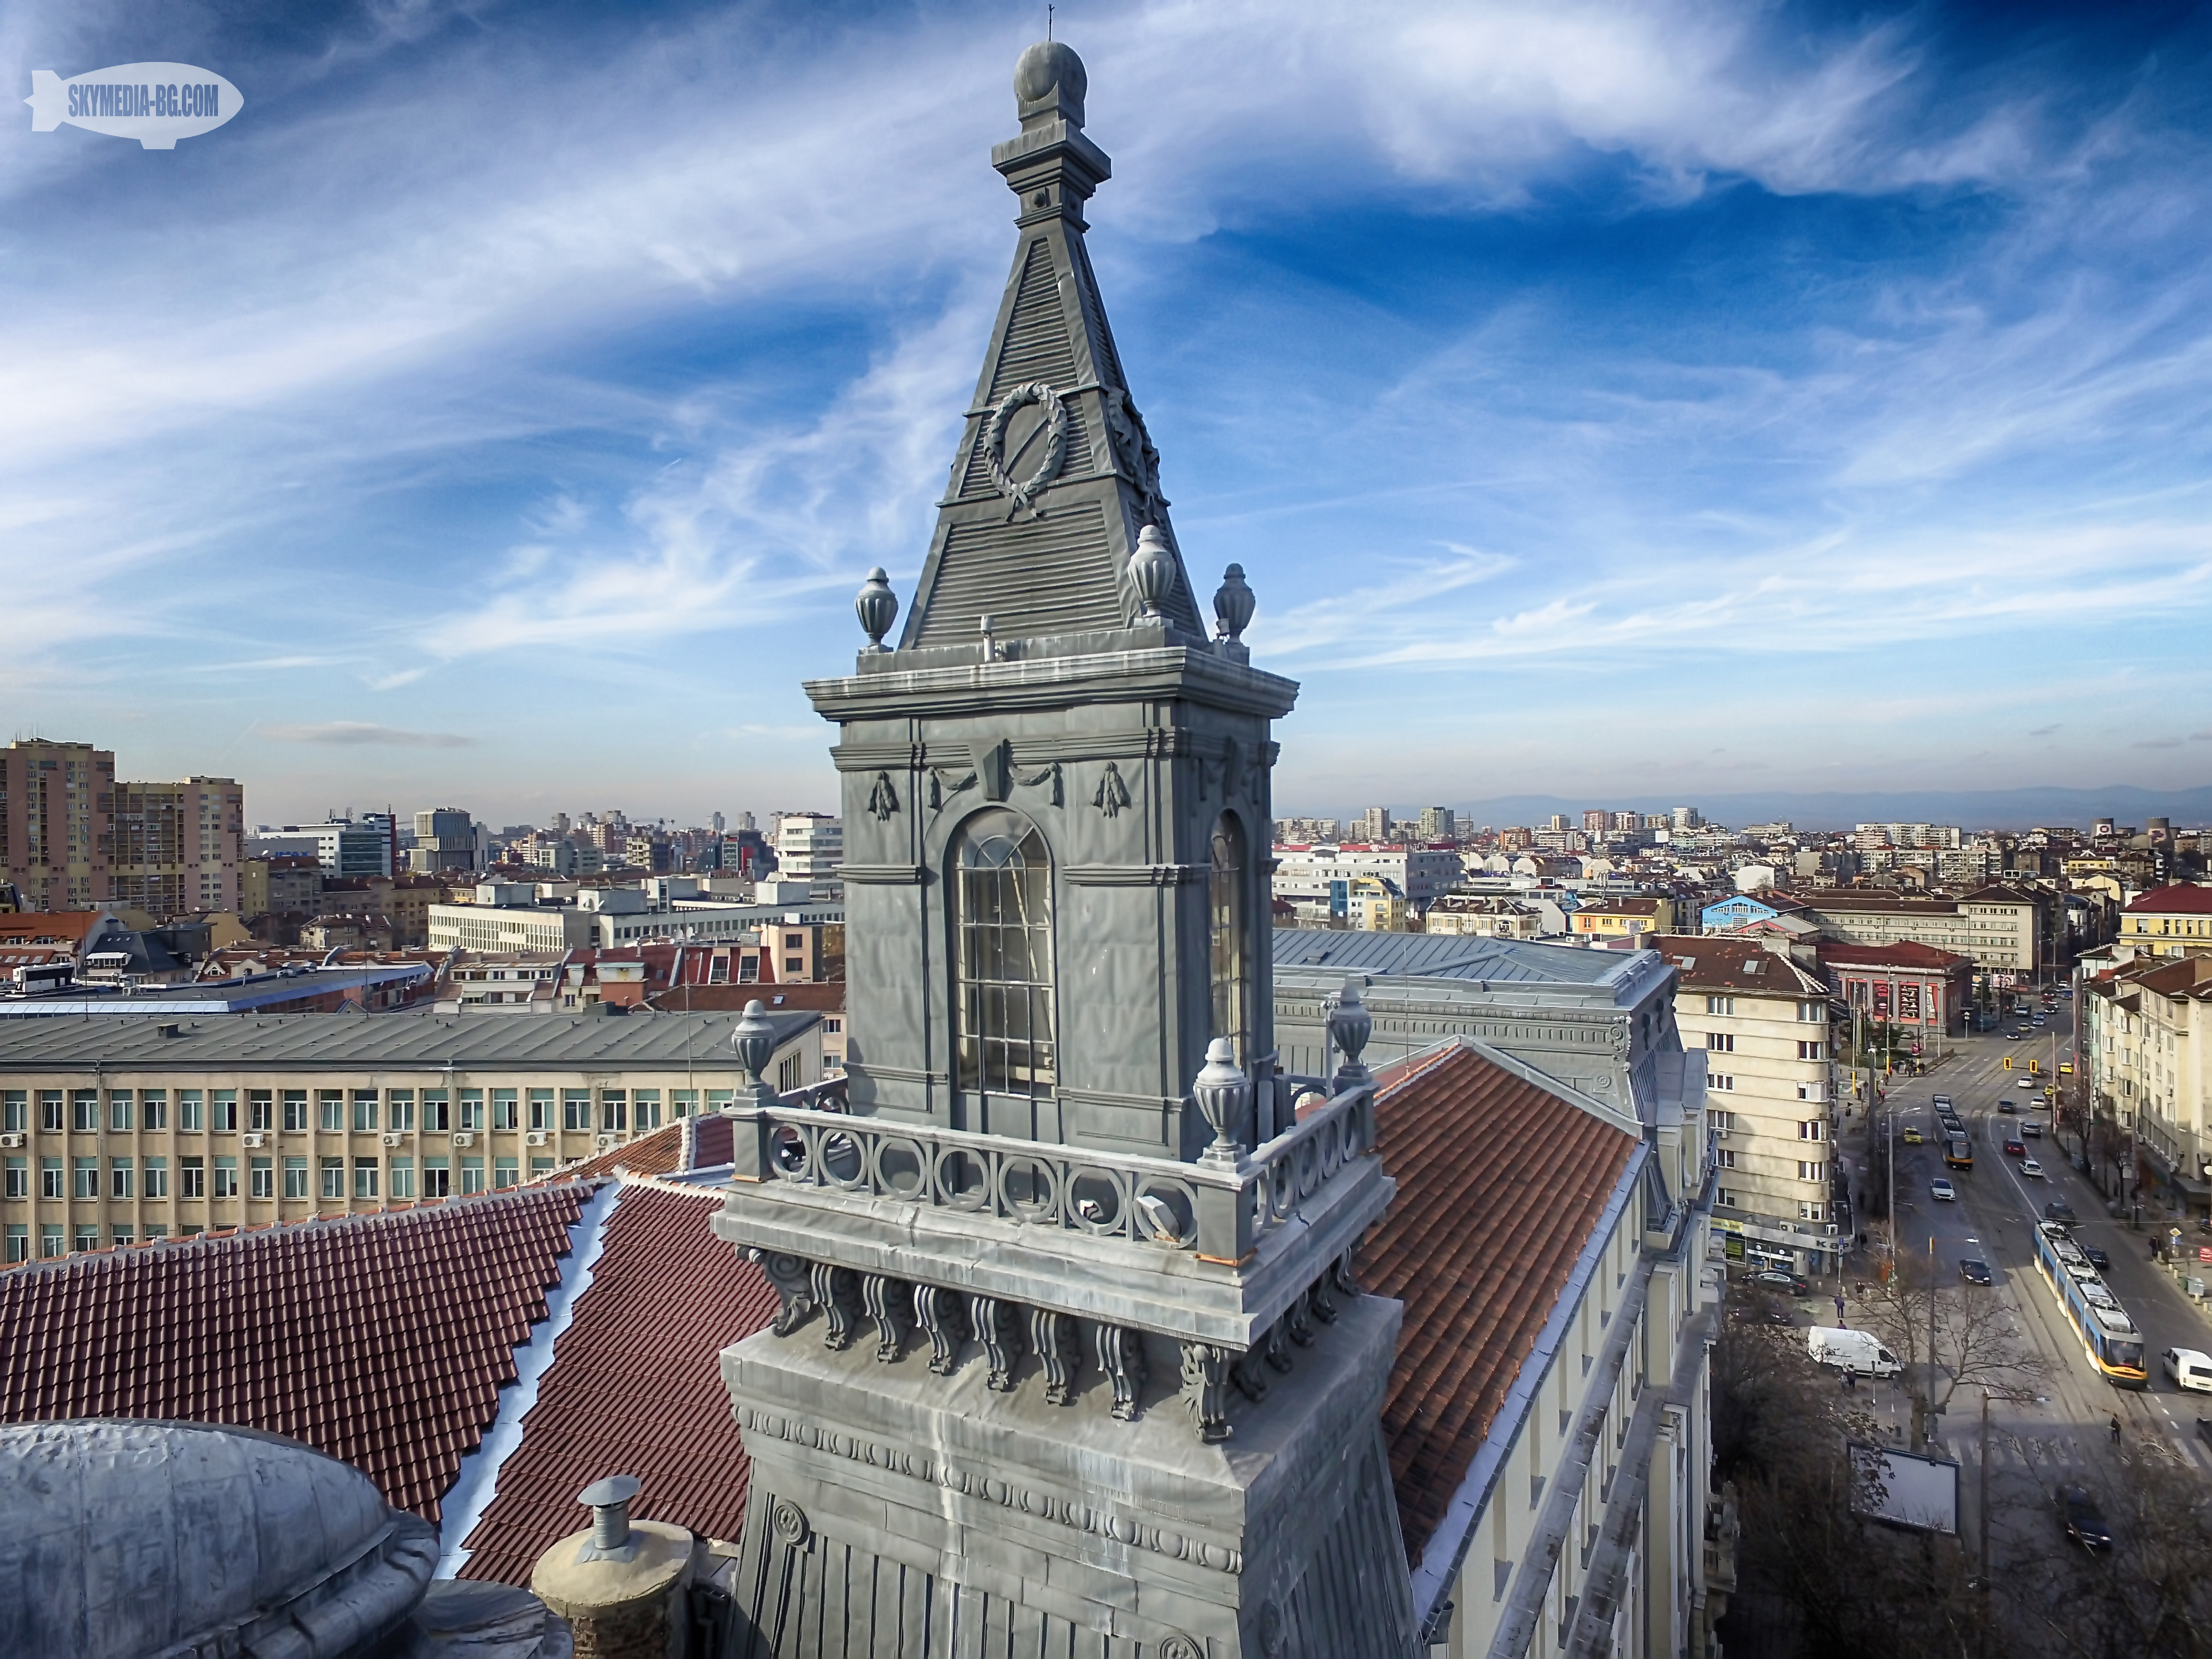 Една от кулите на Министерството на земеделието. Двете декоративни кули са в стил сецесион, а фасадата и орнаментите са барокови.